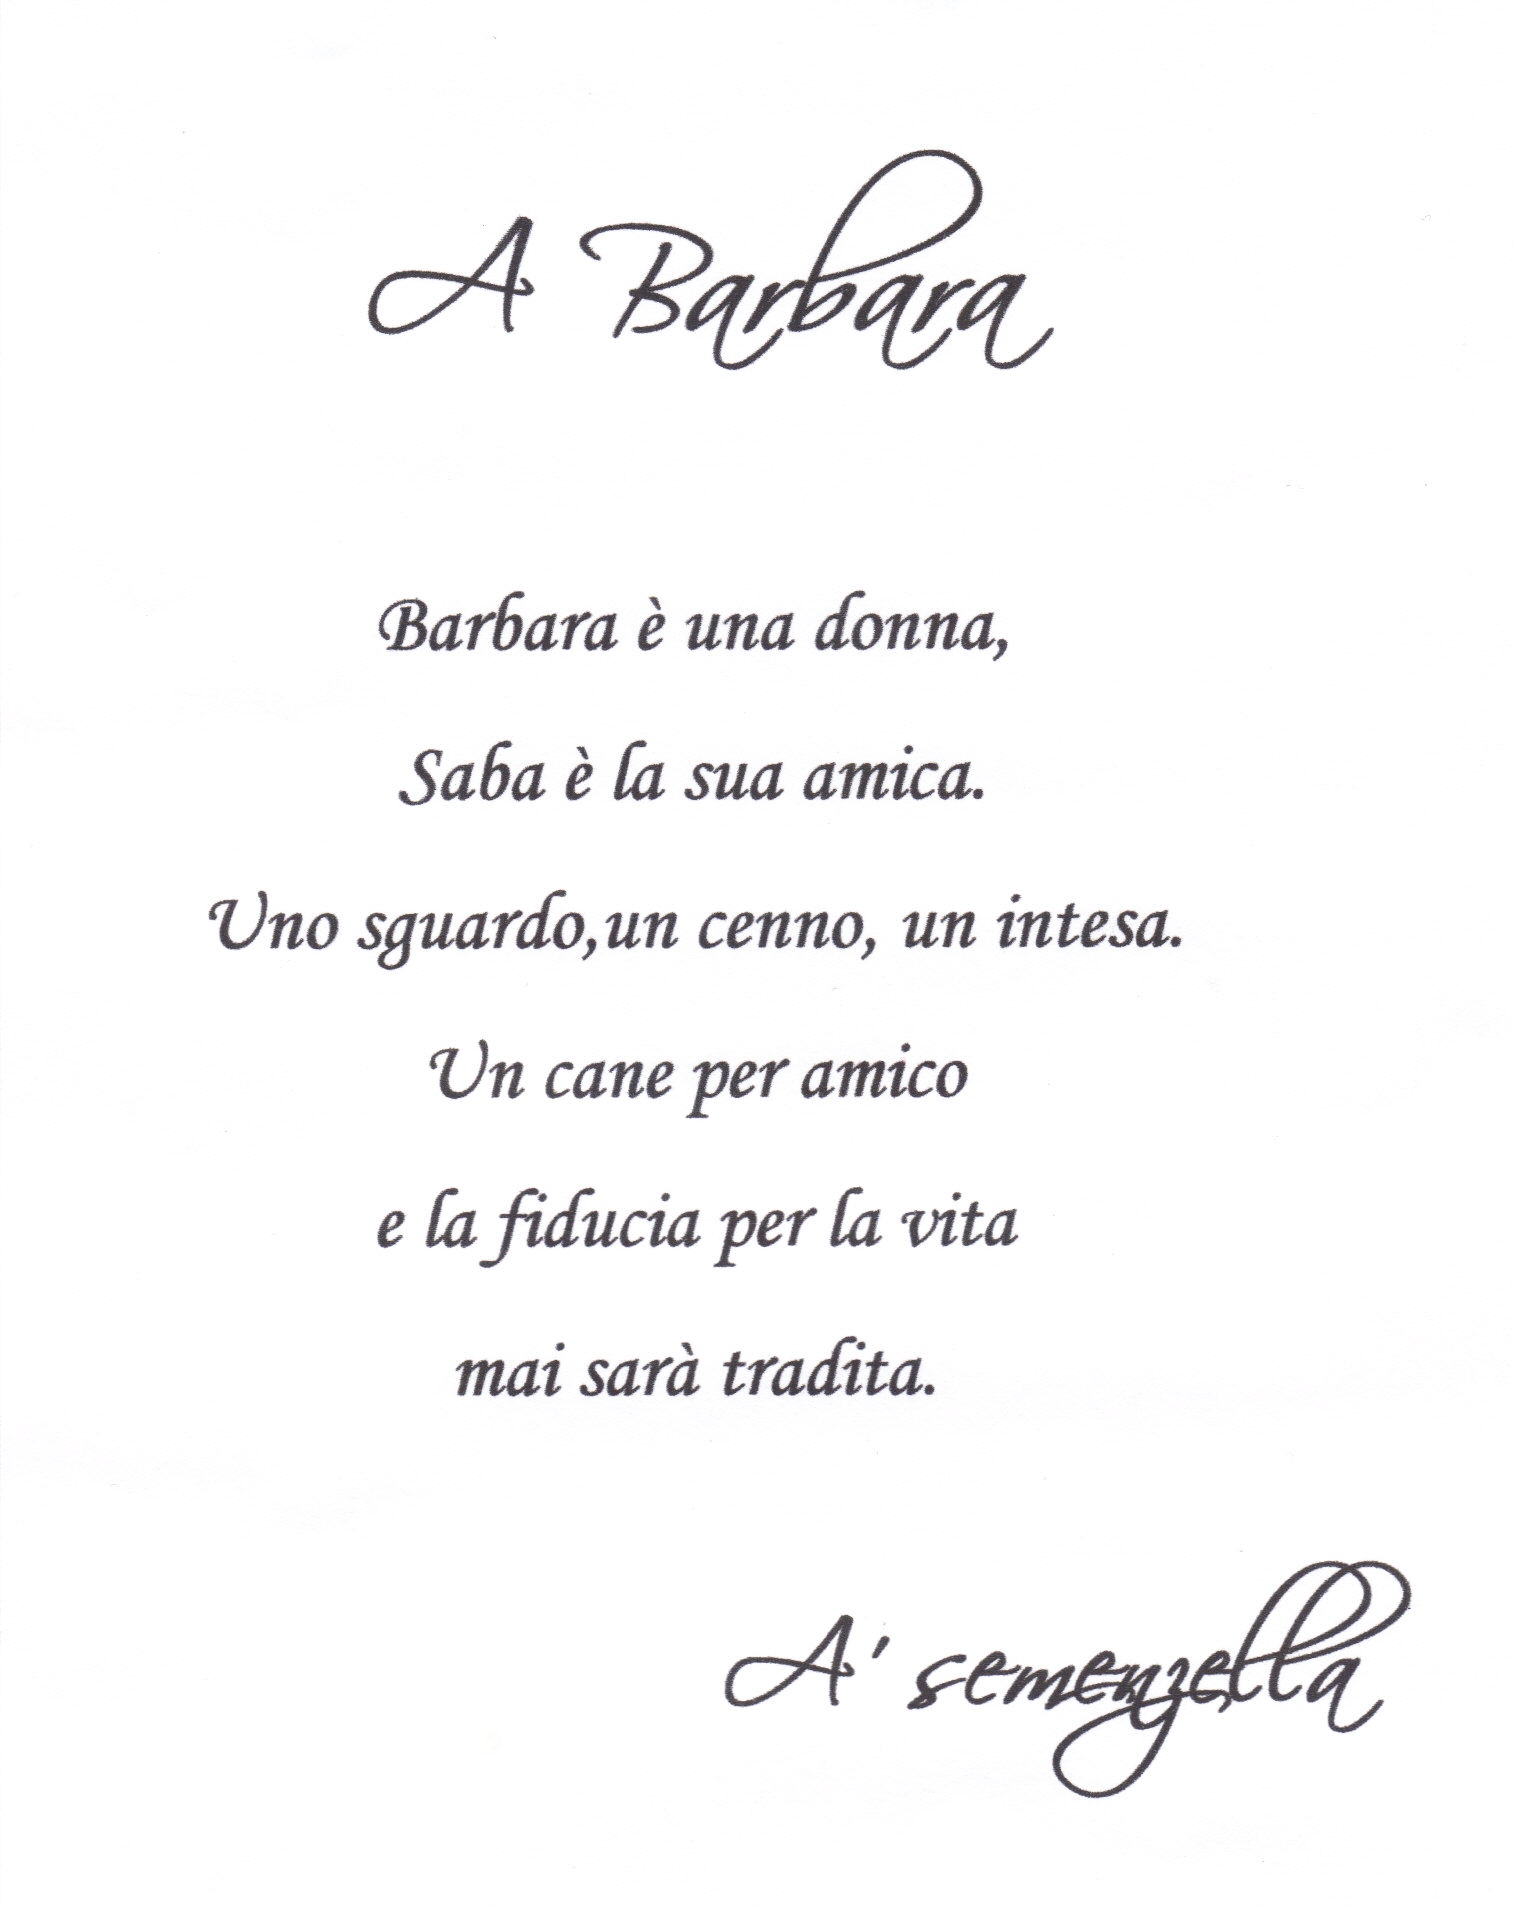 A Poem for Sabra